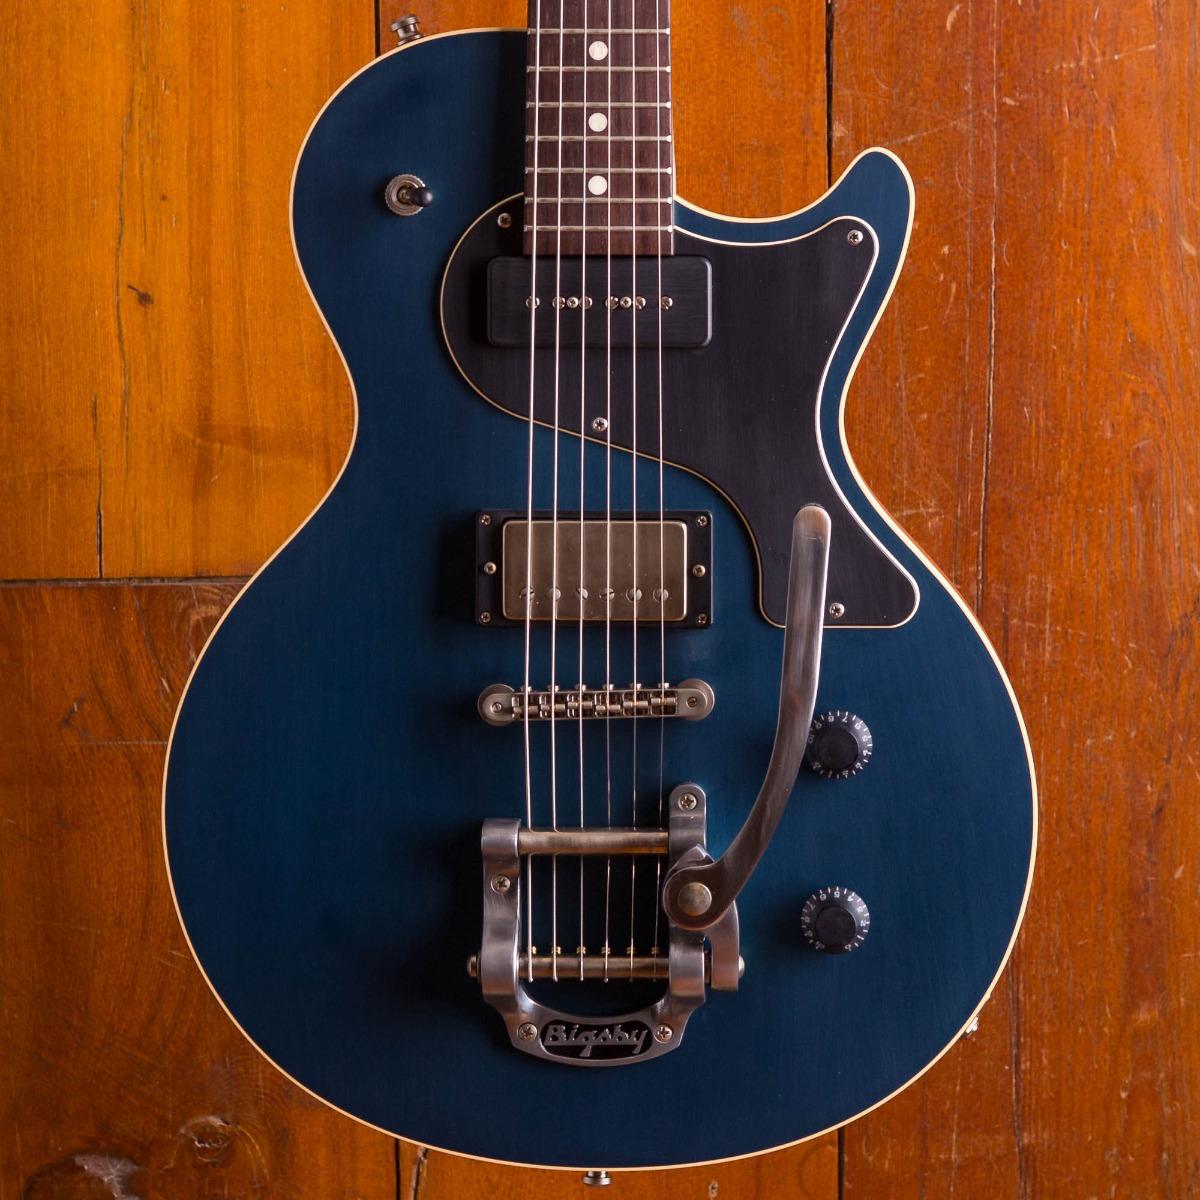 Nik Huber Krautster II Petrol Blue